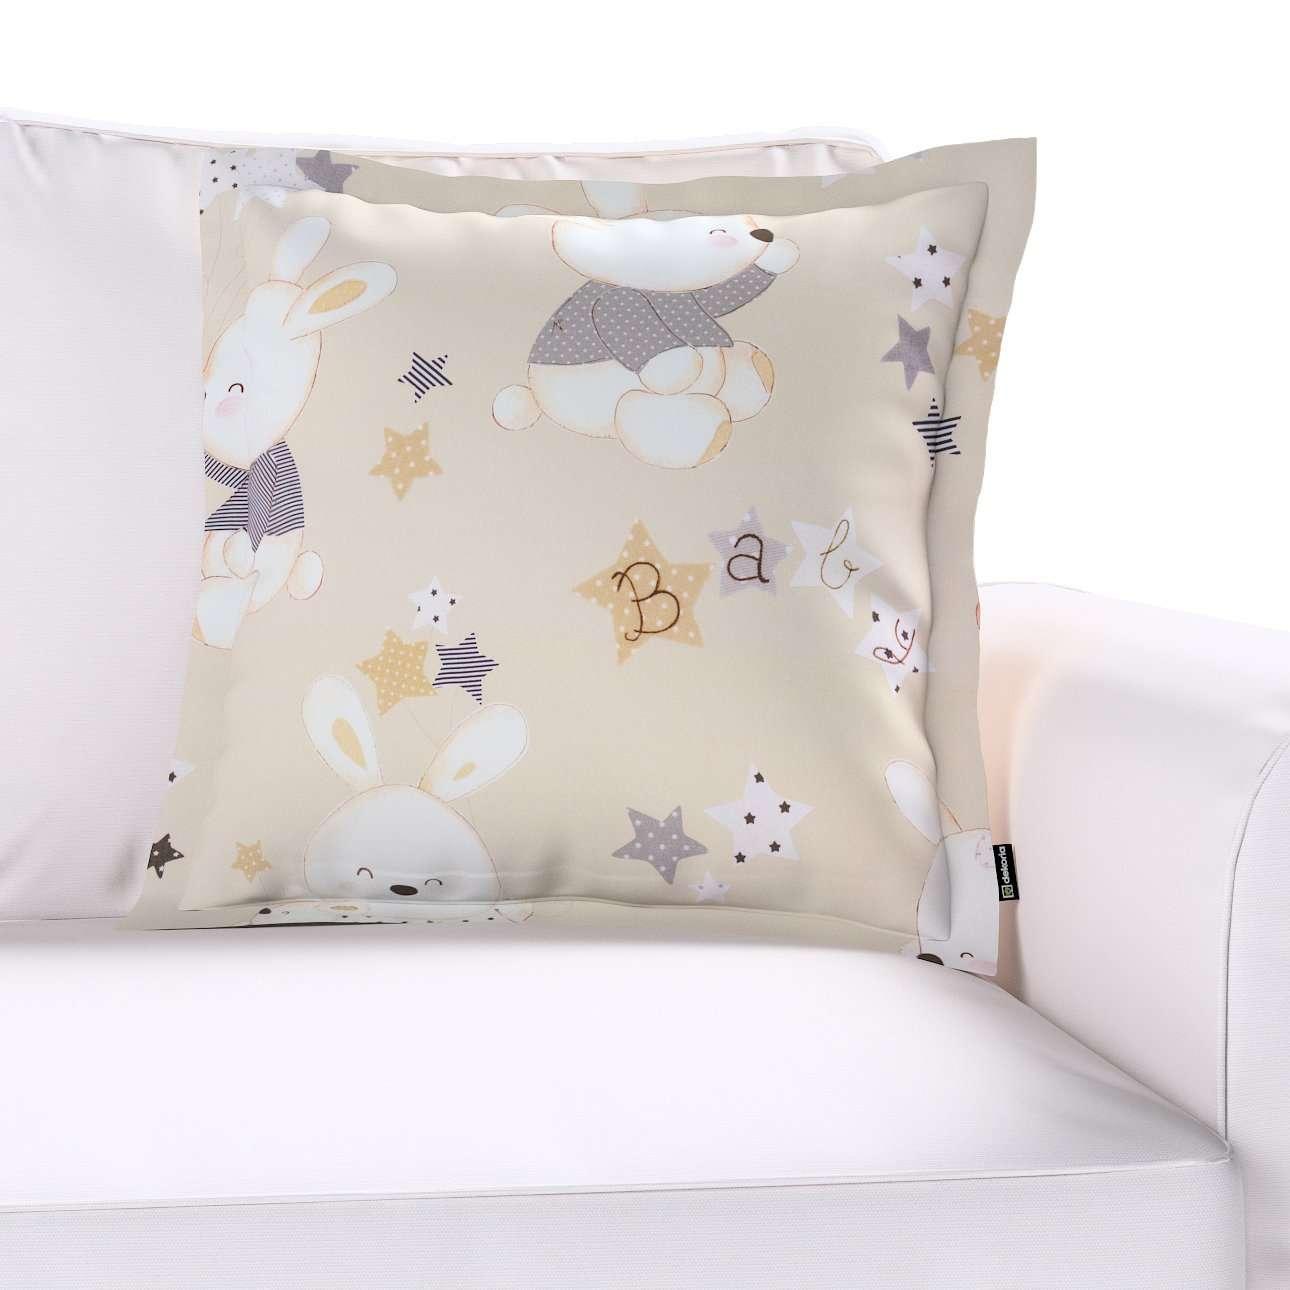 Mona dekoratyvinių pagalvėlių užvalkalas su sienele kolekcijoje Adventure, audinys: 141-85